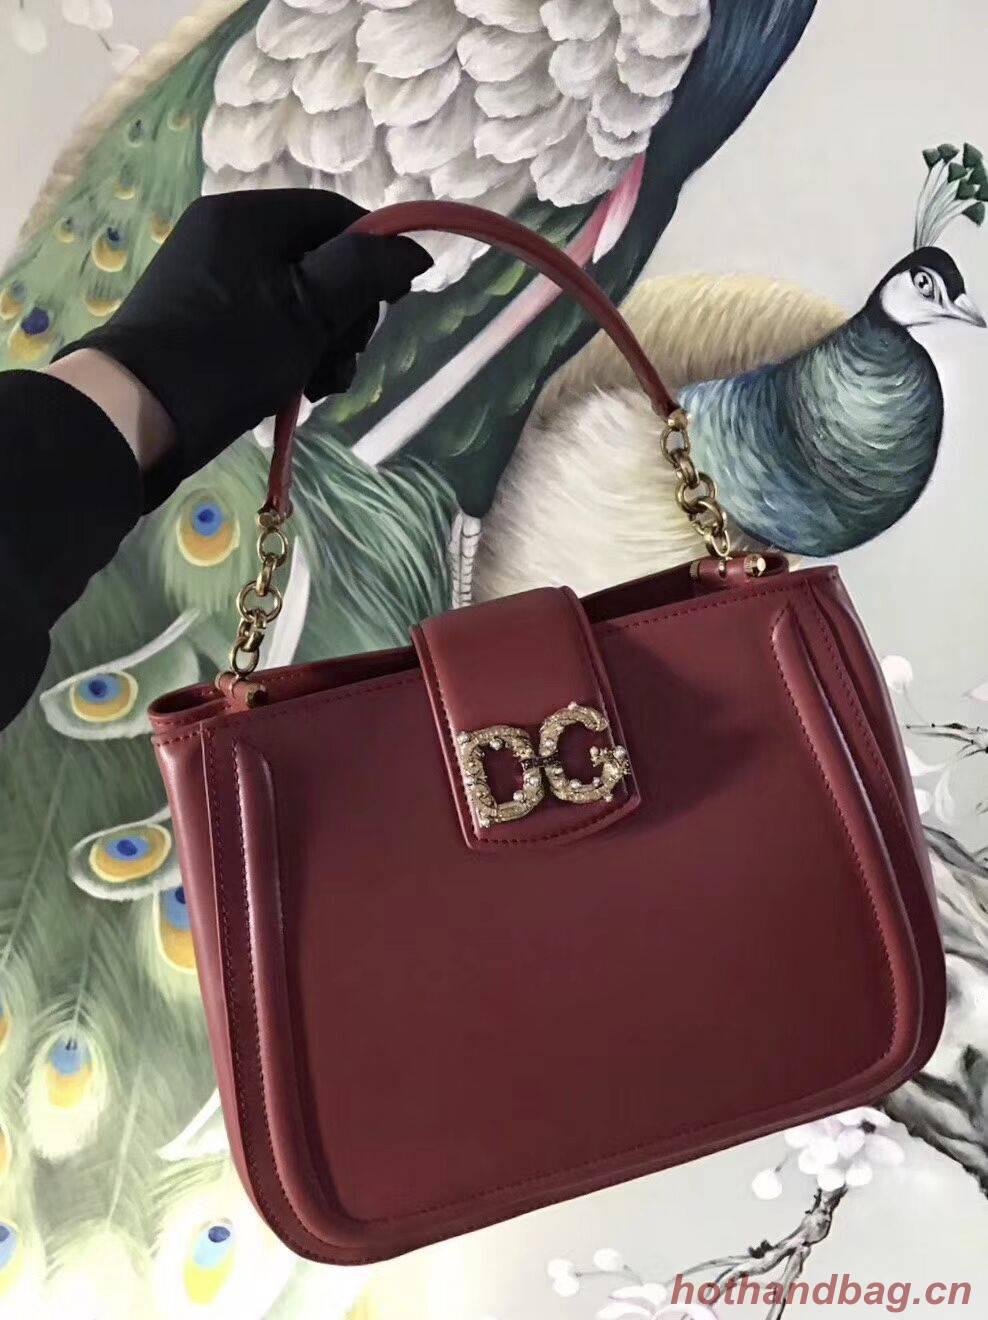 Dolce & Gabbana Origianl Leather Bag 4918 Burgundy